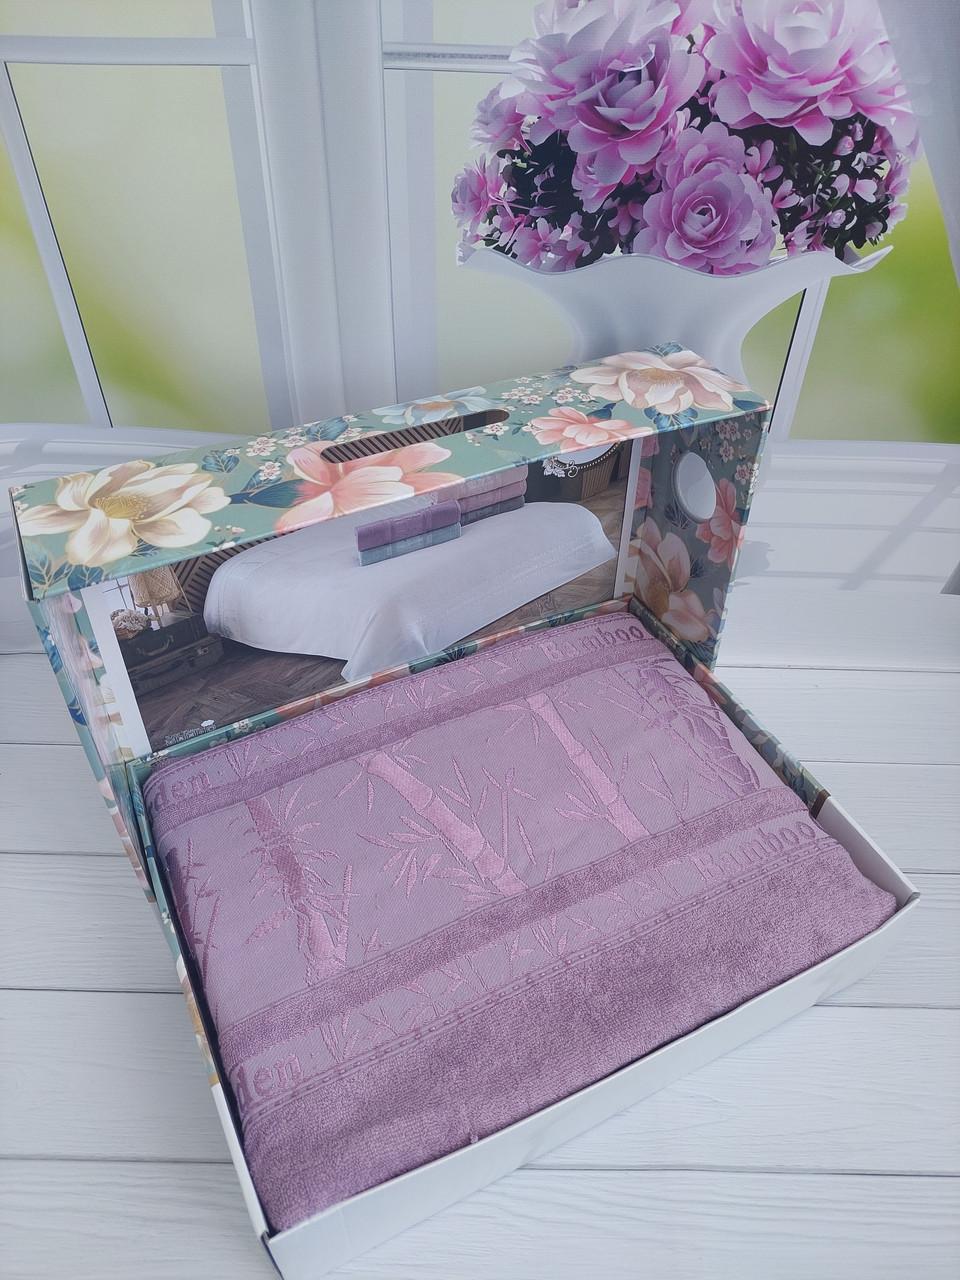 Летняя Махровая Бамбуковая Простынь Покрывало 200*220 см Евро Размер Однотонная Фиолетовая Турция Sofia Soft